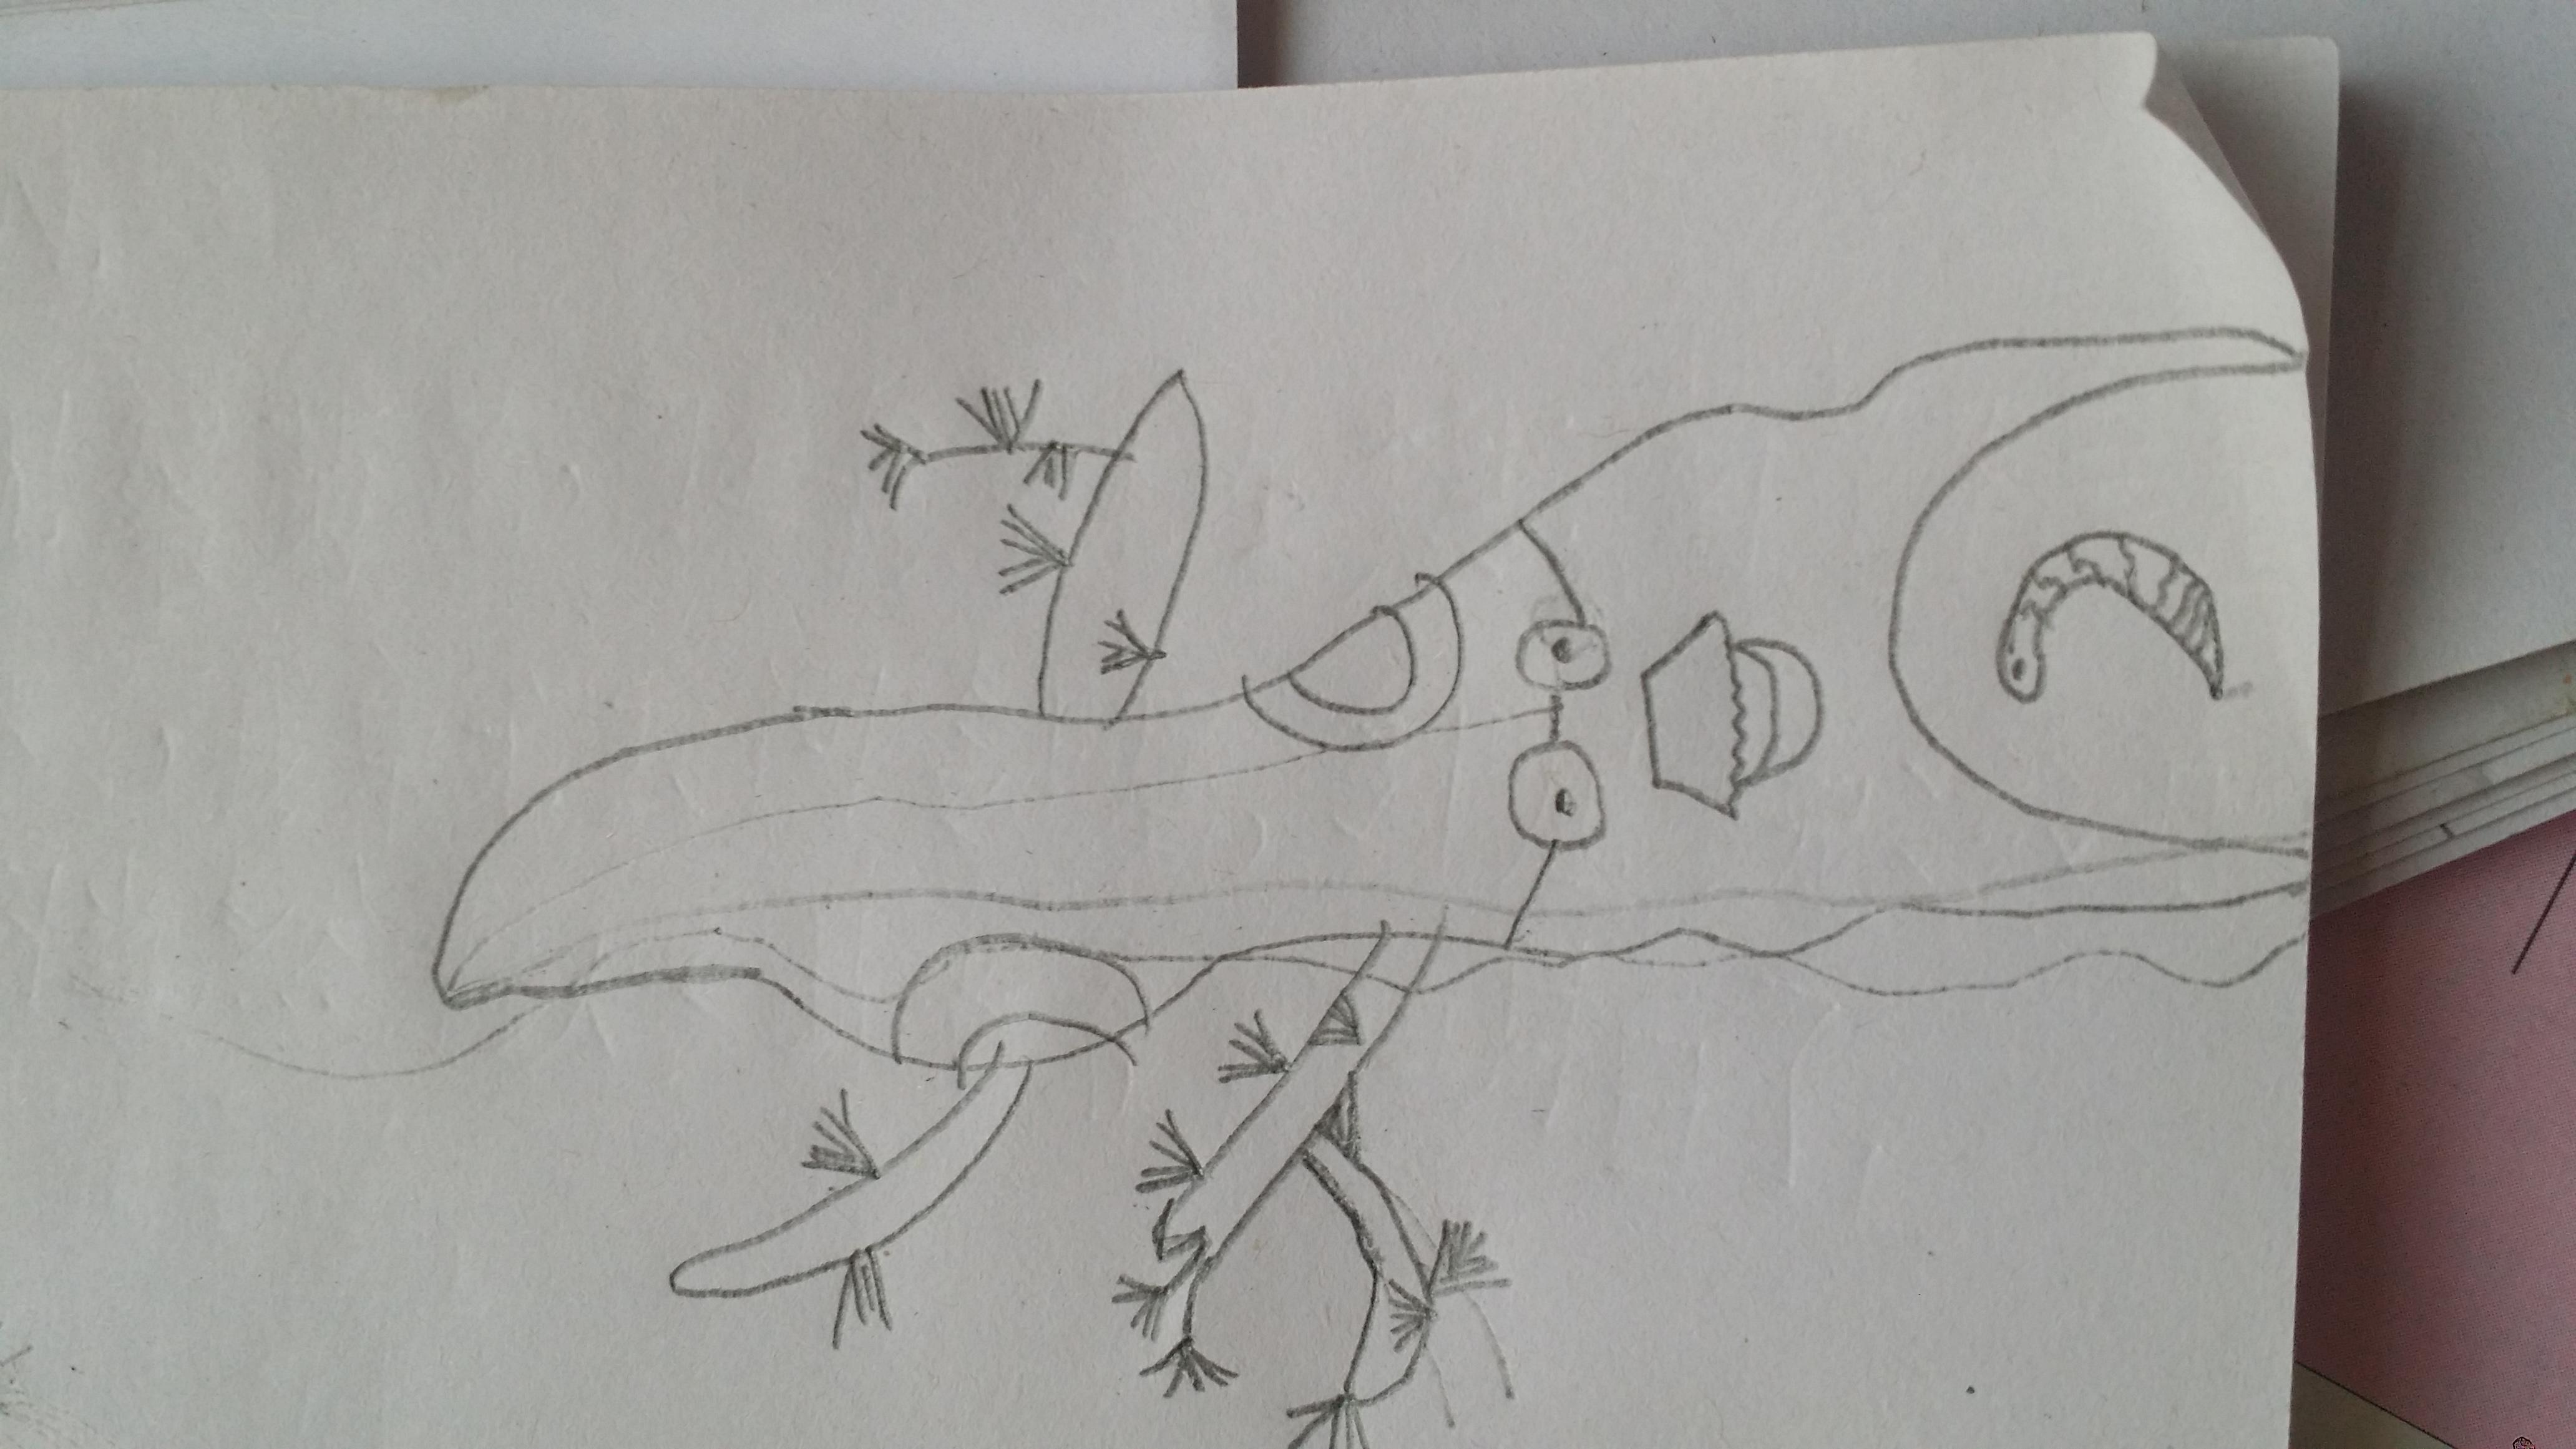 怎么画树简笔步骤图